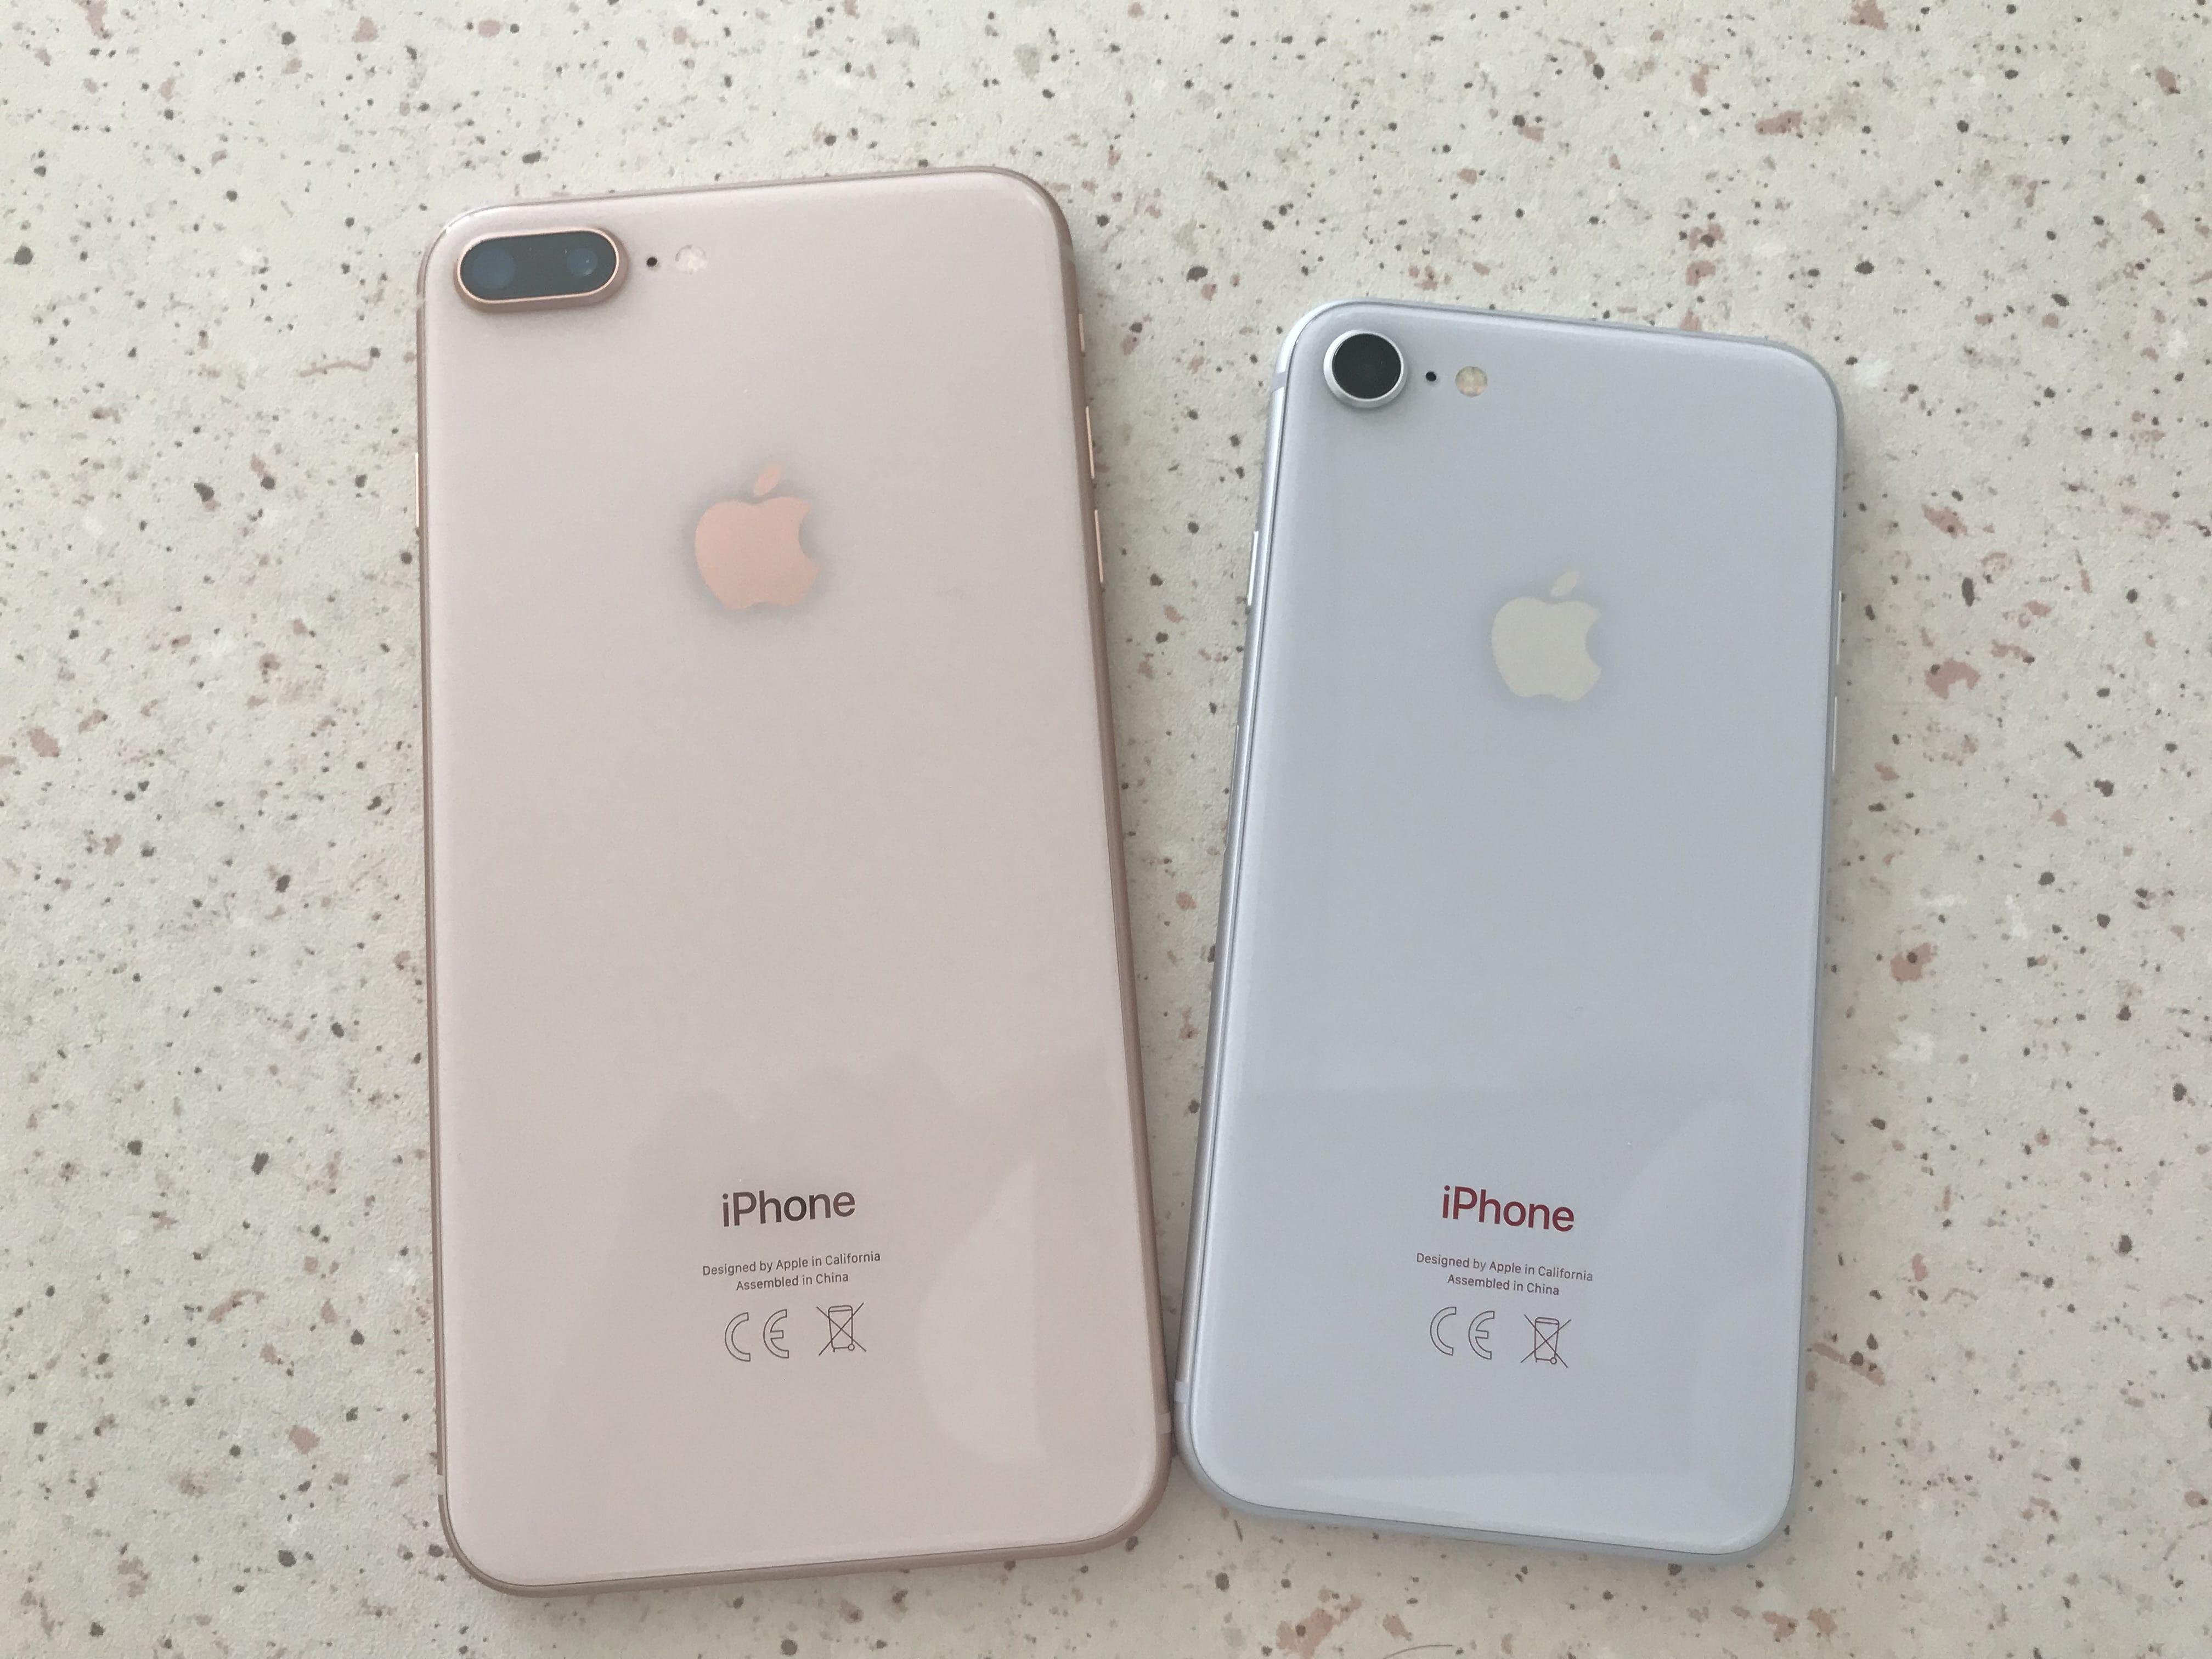 Iphone 8 E Iphone 8 Plus Le Mie Prime Impressioni A Caldo Promossi